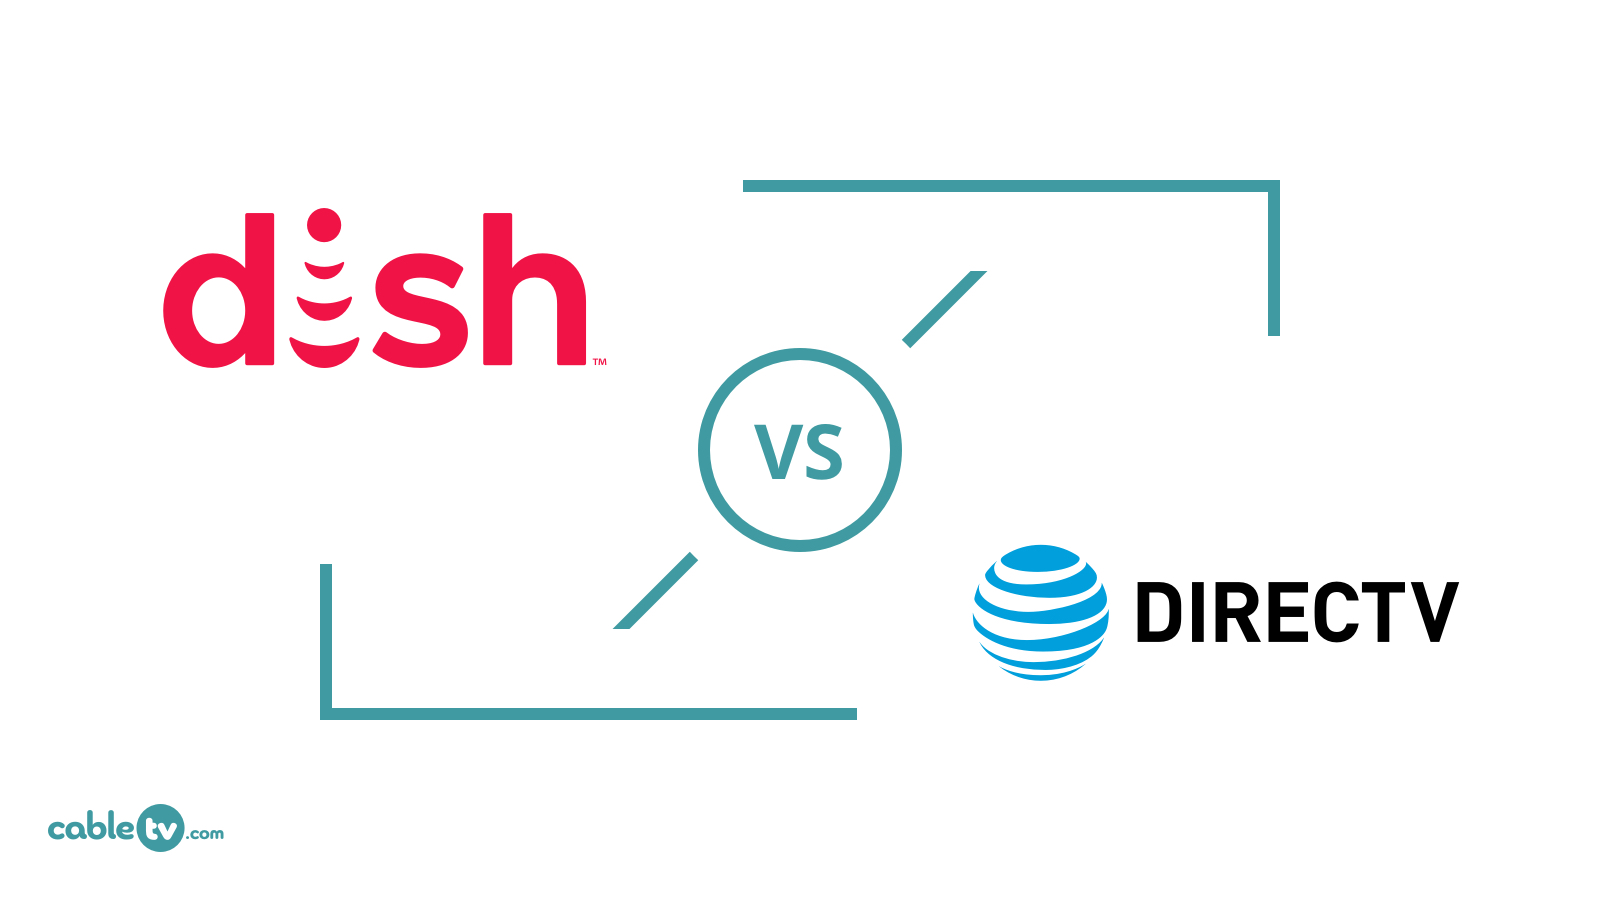 DIRECTV vs. DISH